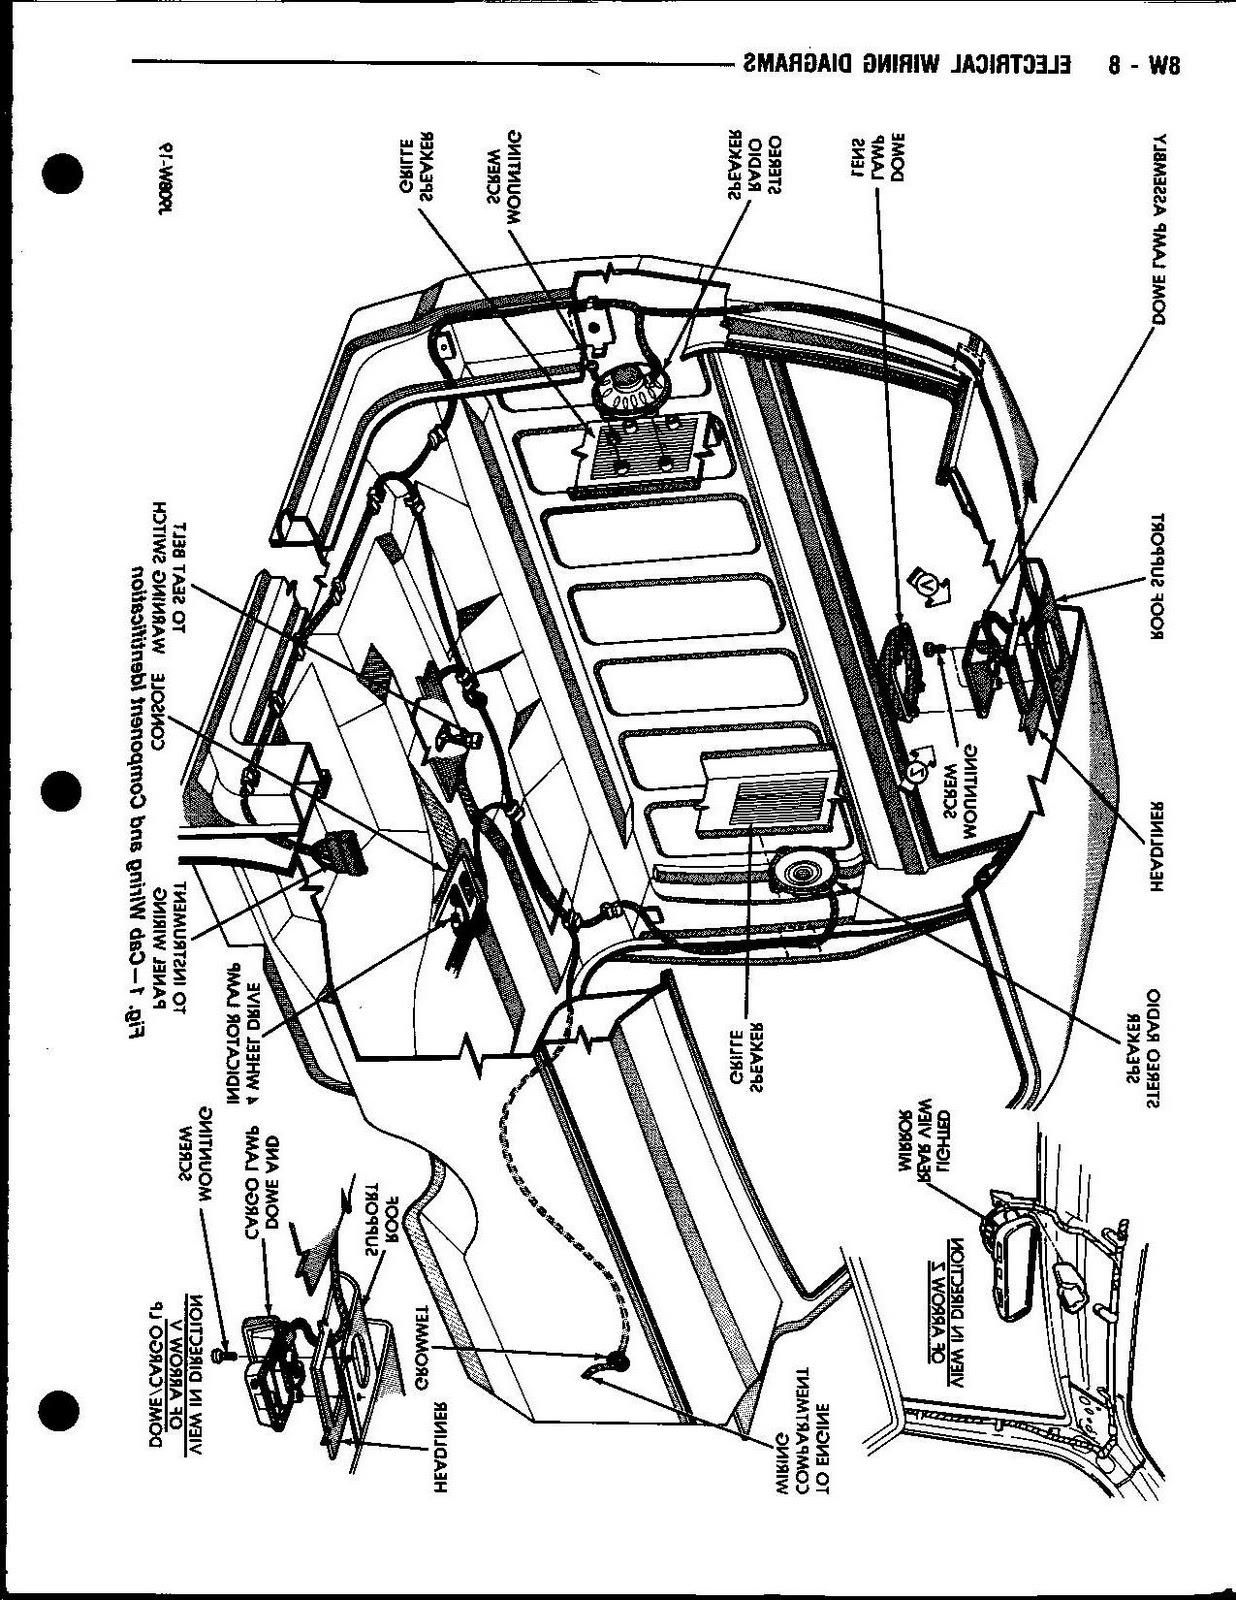 1959 nash metropolitan wiring diagram nash metropolitan wiring diagram at w freeautoresponder co